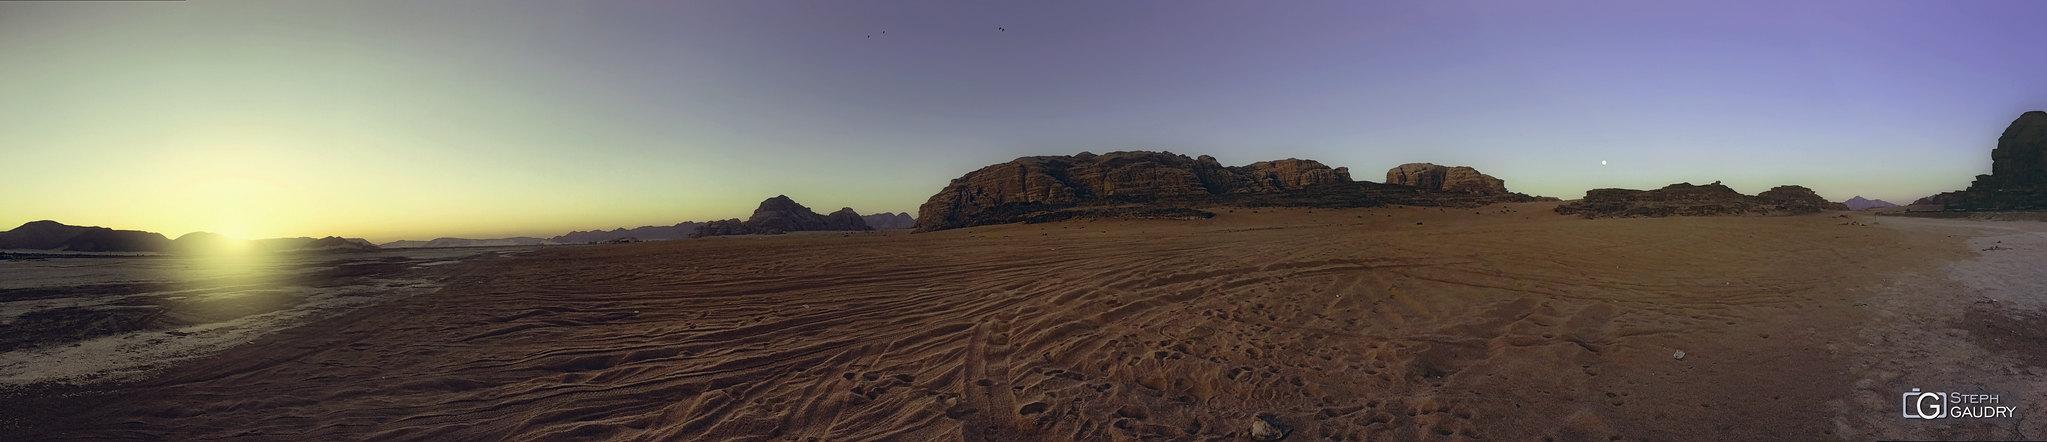 Wadi-Rum panorama gsm [Click to start slideshow]